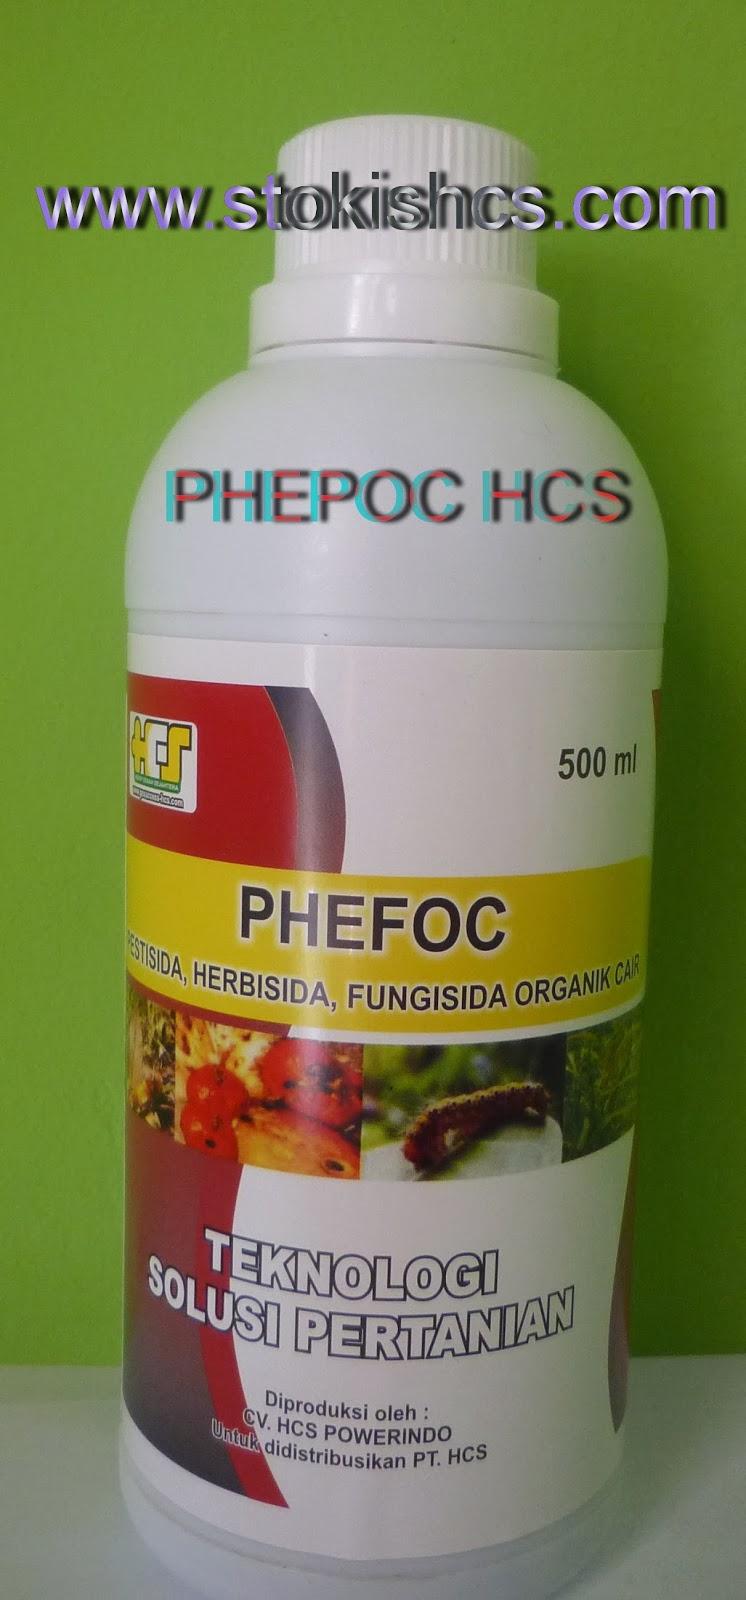 PHEFOC atau pestisida, herbasida, fungisida organik cair. adalah